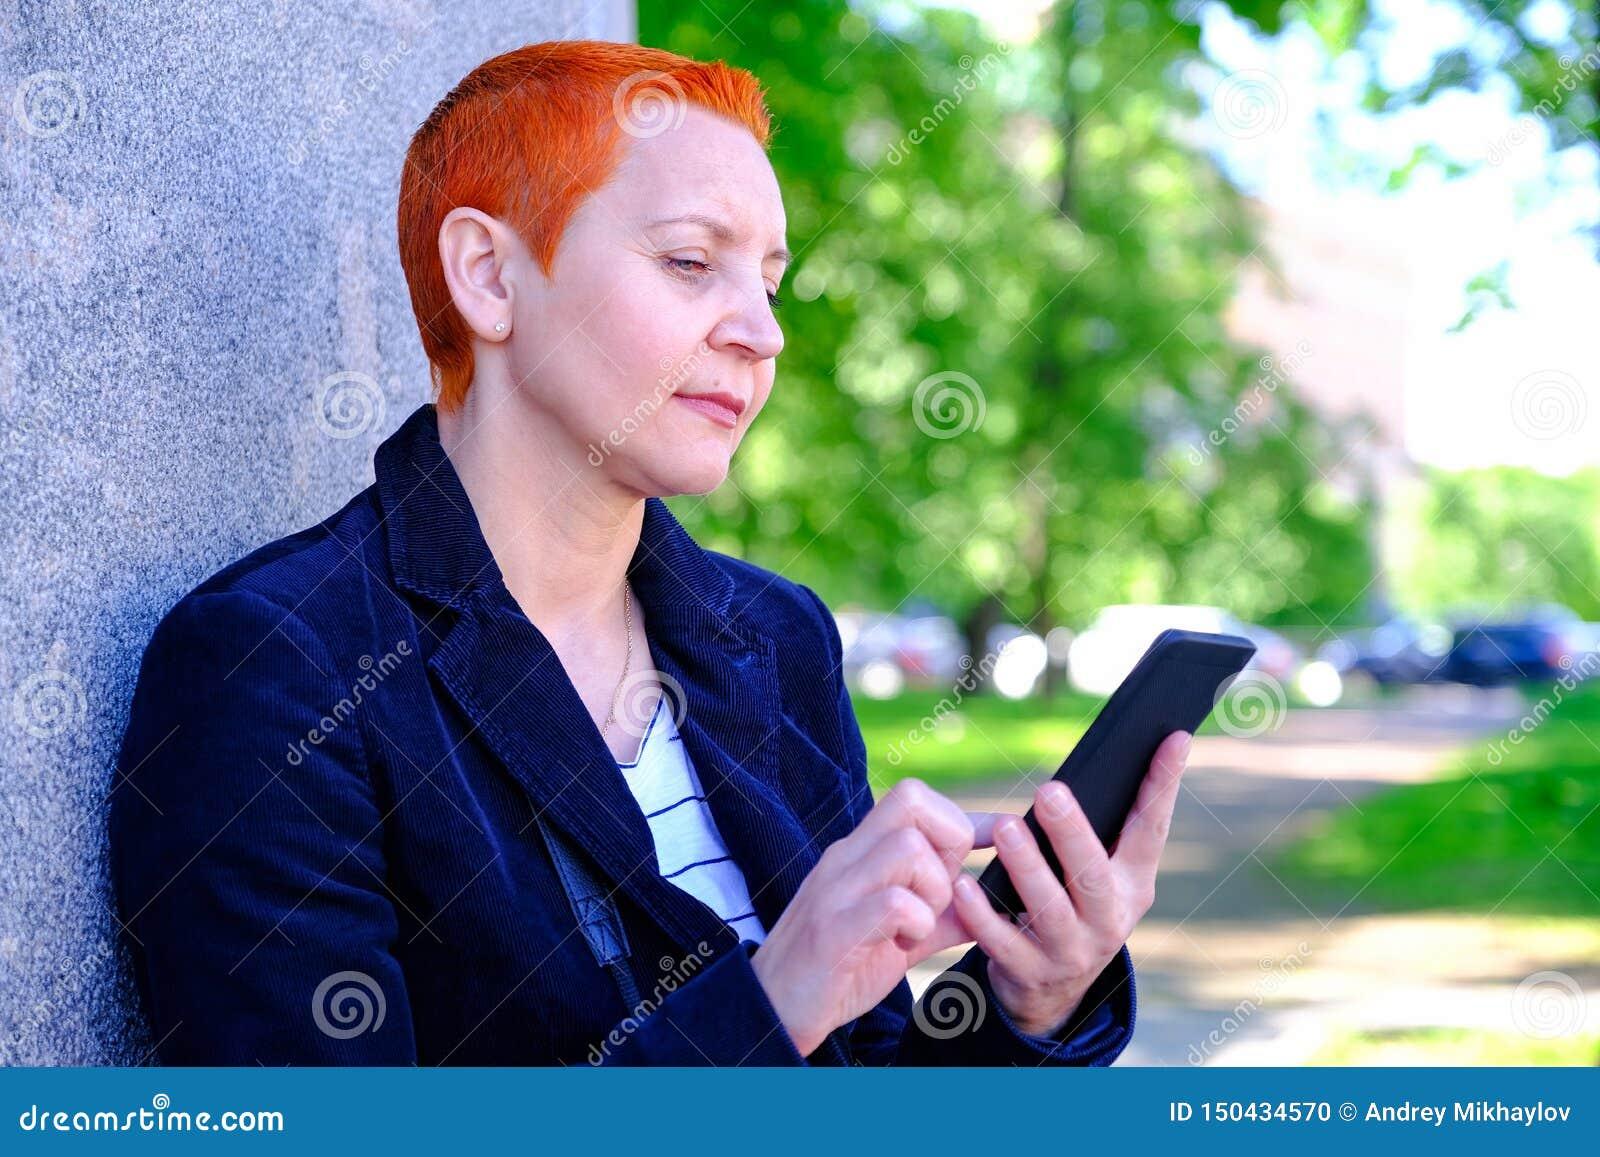 Meisje die SMS in smartphone lezen De emotie van blije verrassing Het korte kapsel van vrouwen Modieus modieus profiel met